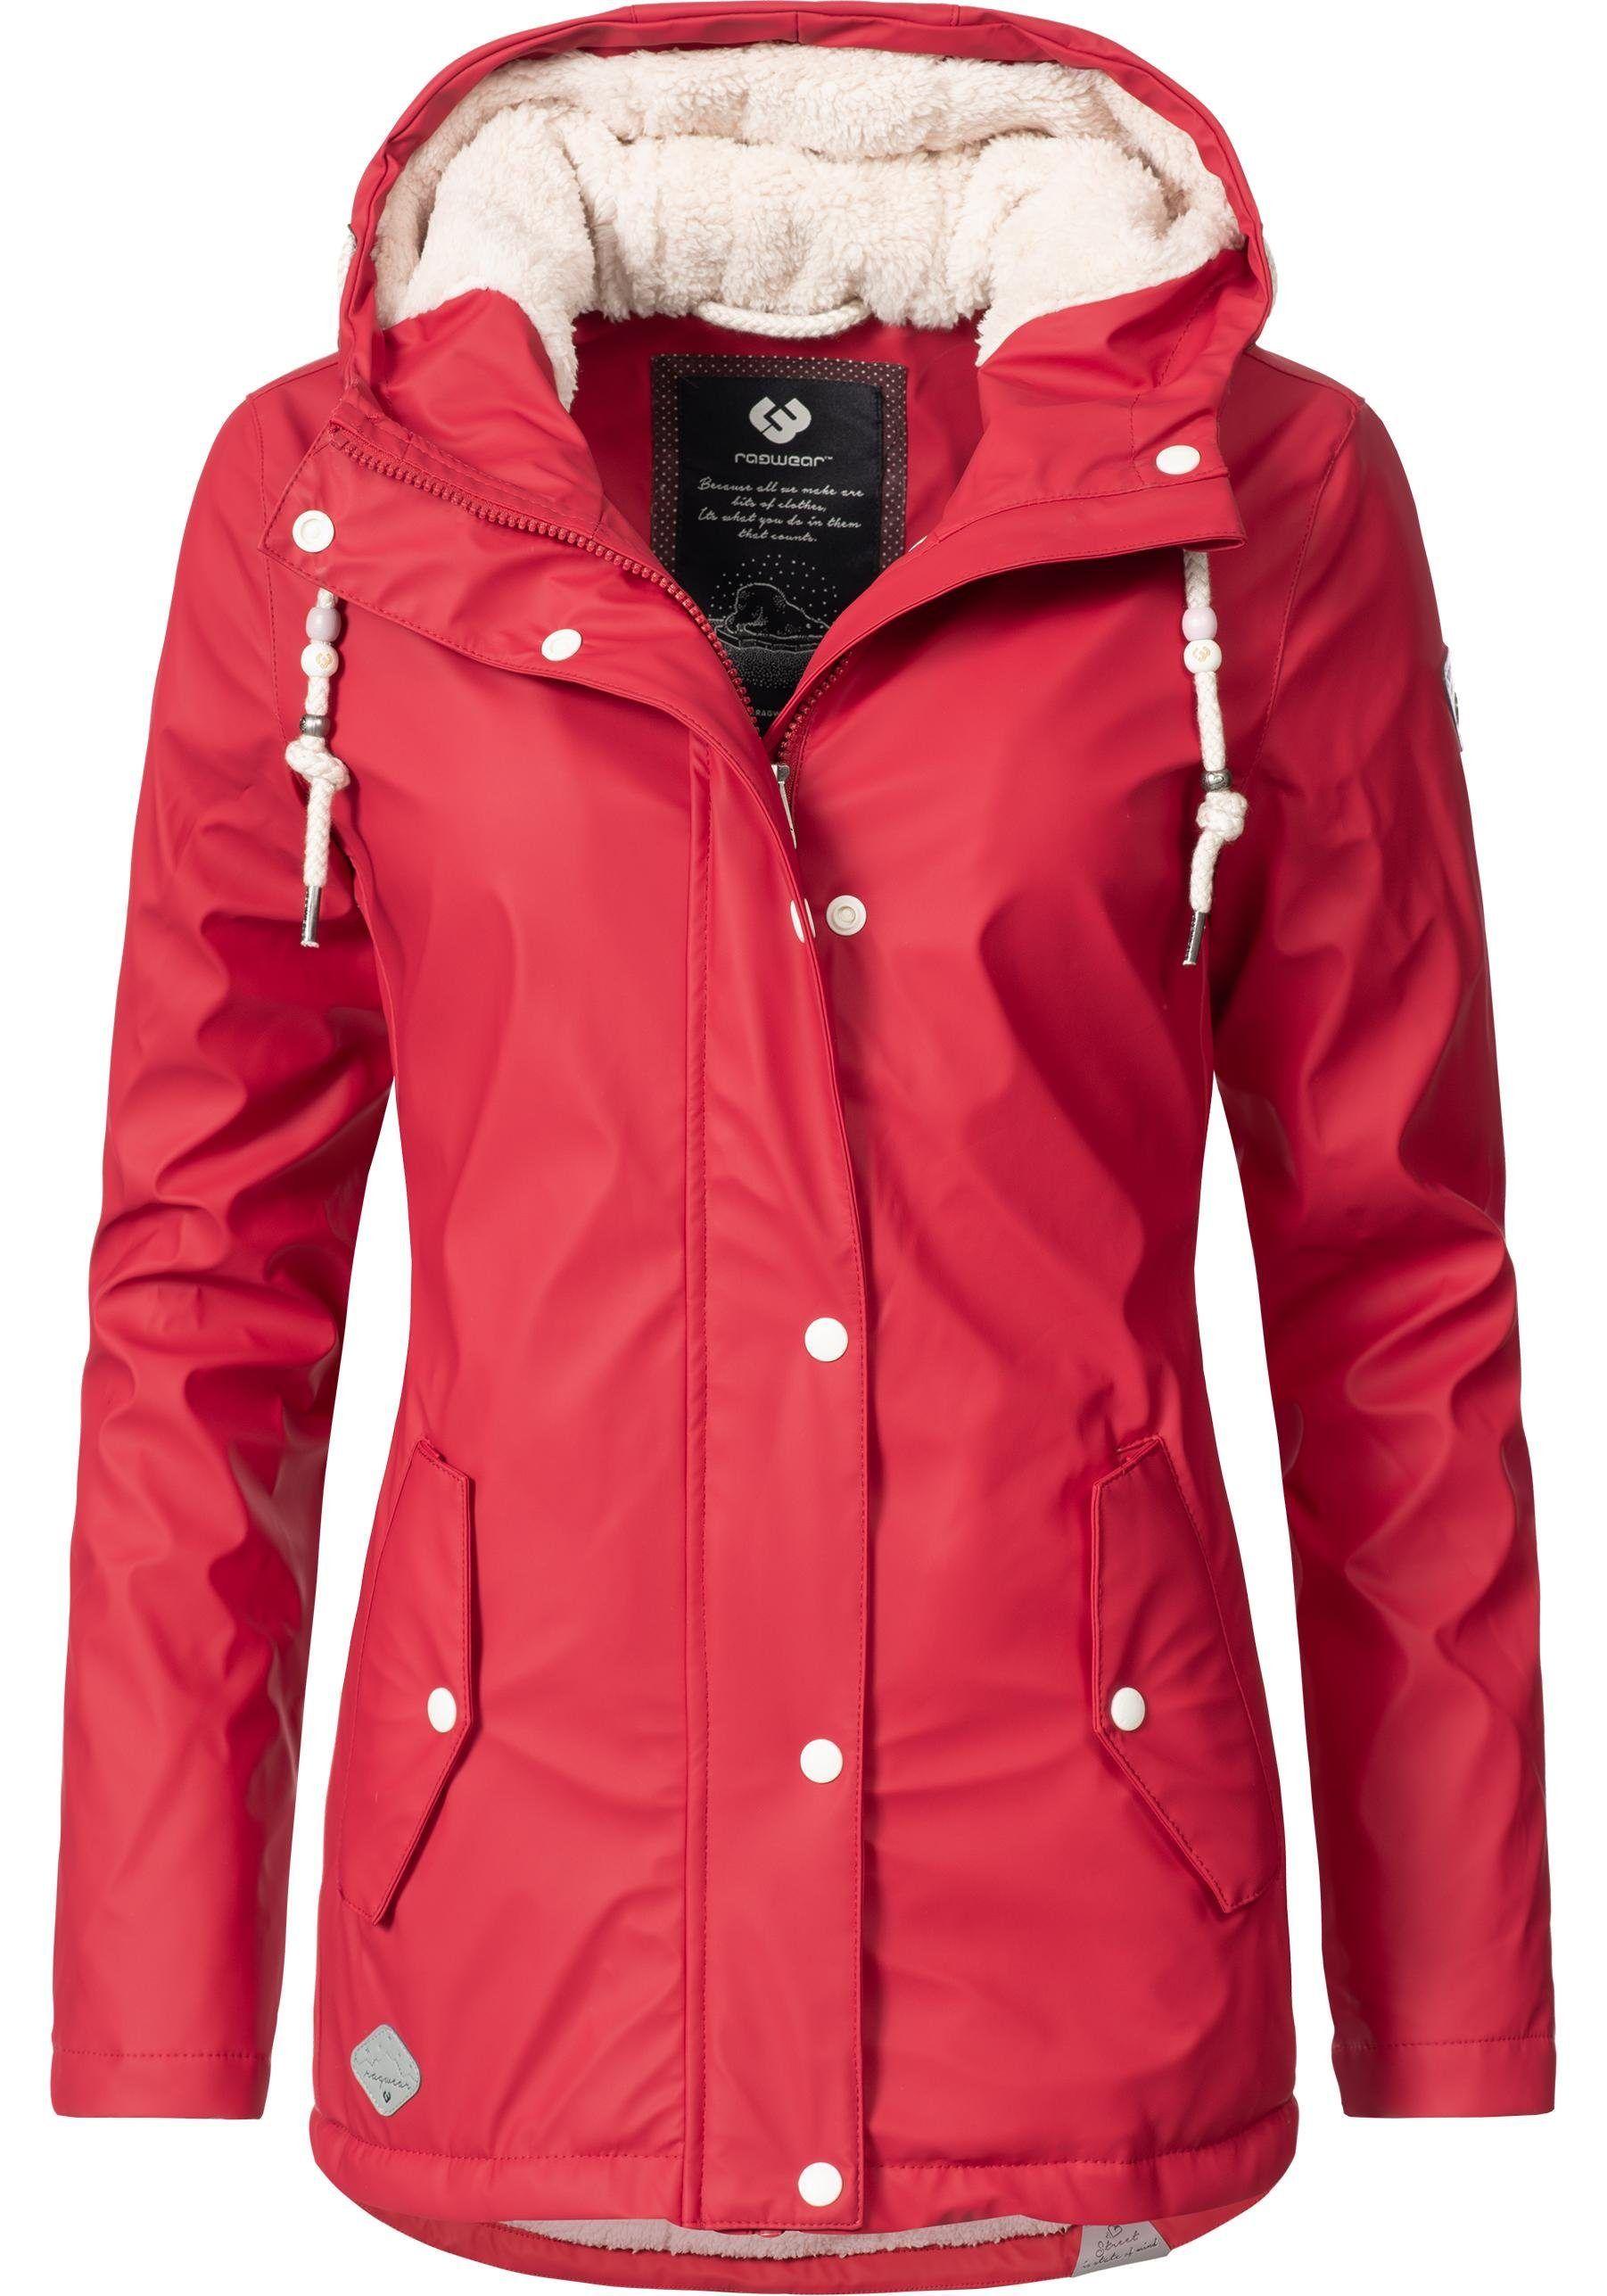 Damen Ragwear Regenjacke Marge Lassiger Damen Winter Regenmantel Rot 04251490161849 Ragwear